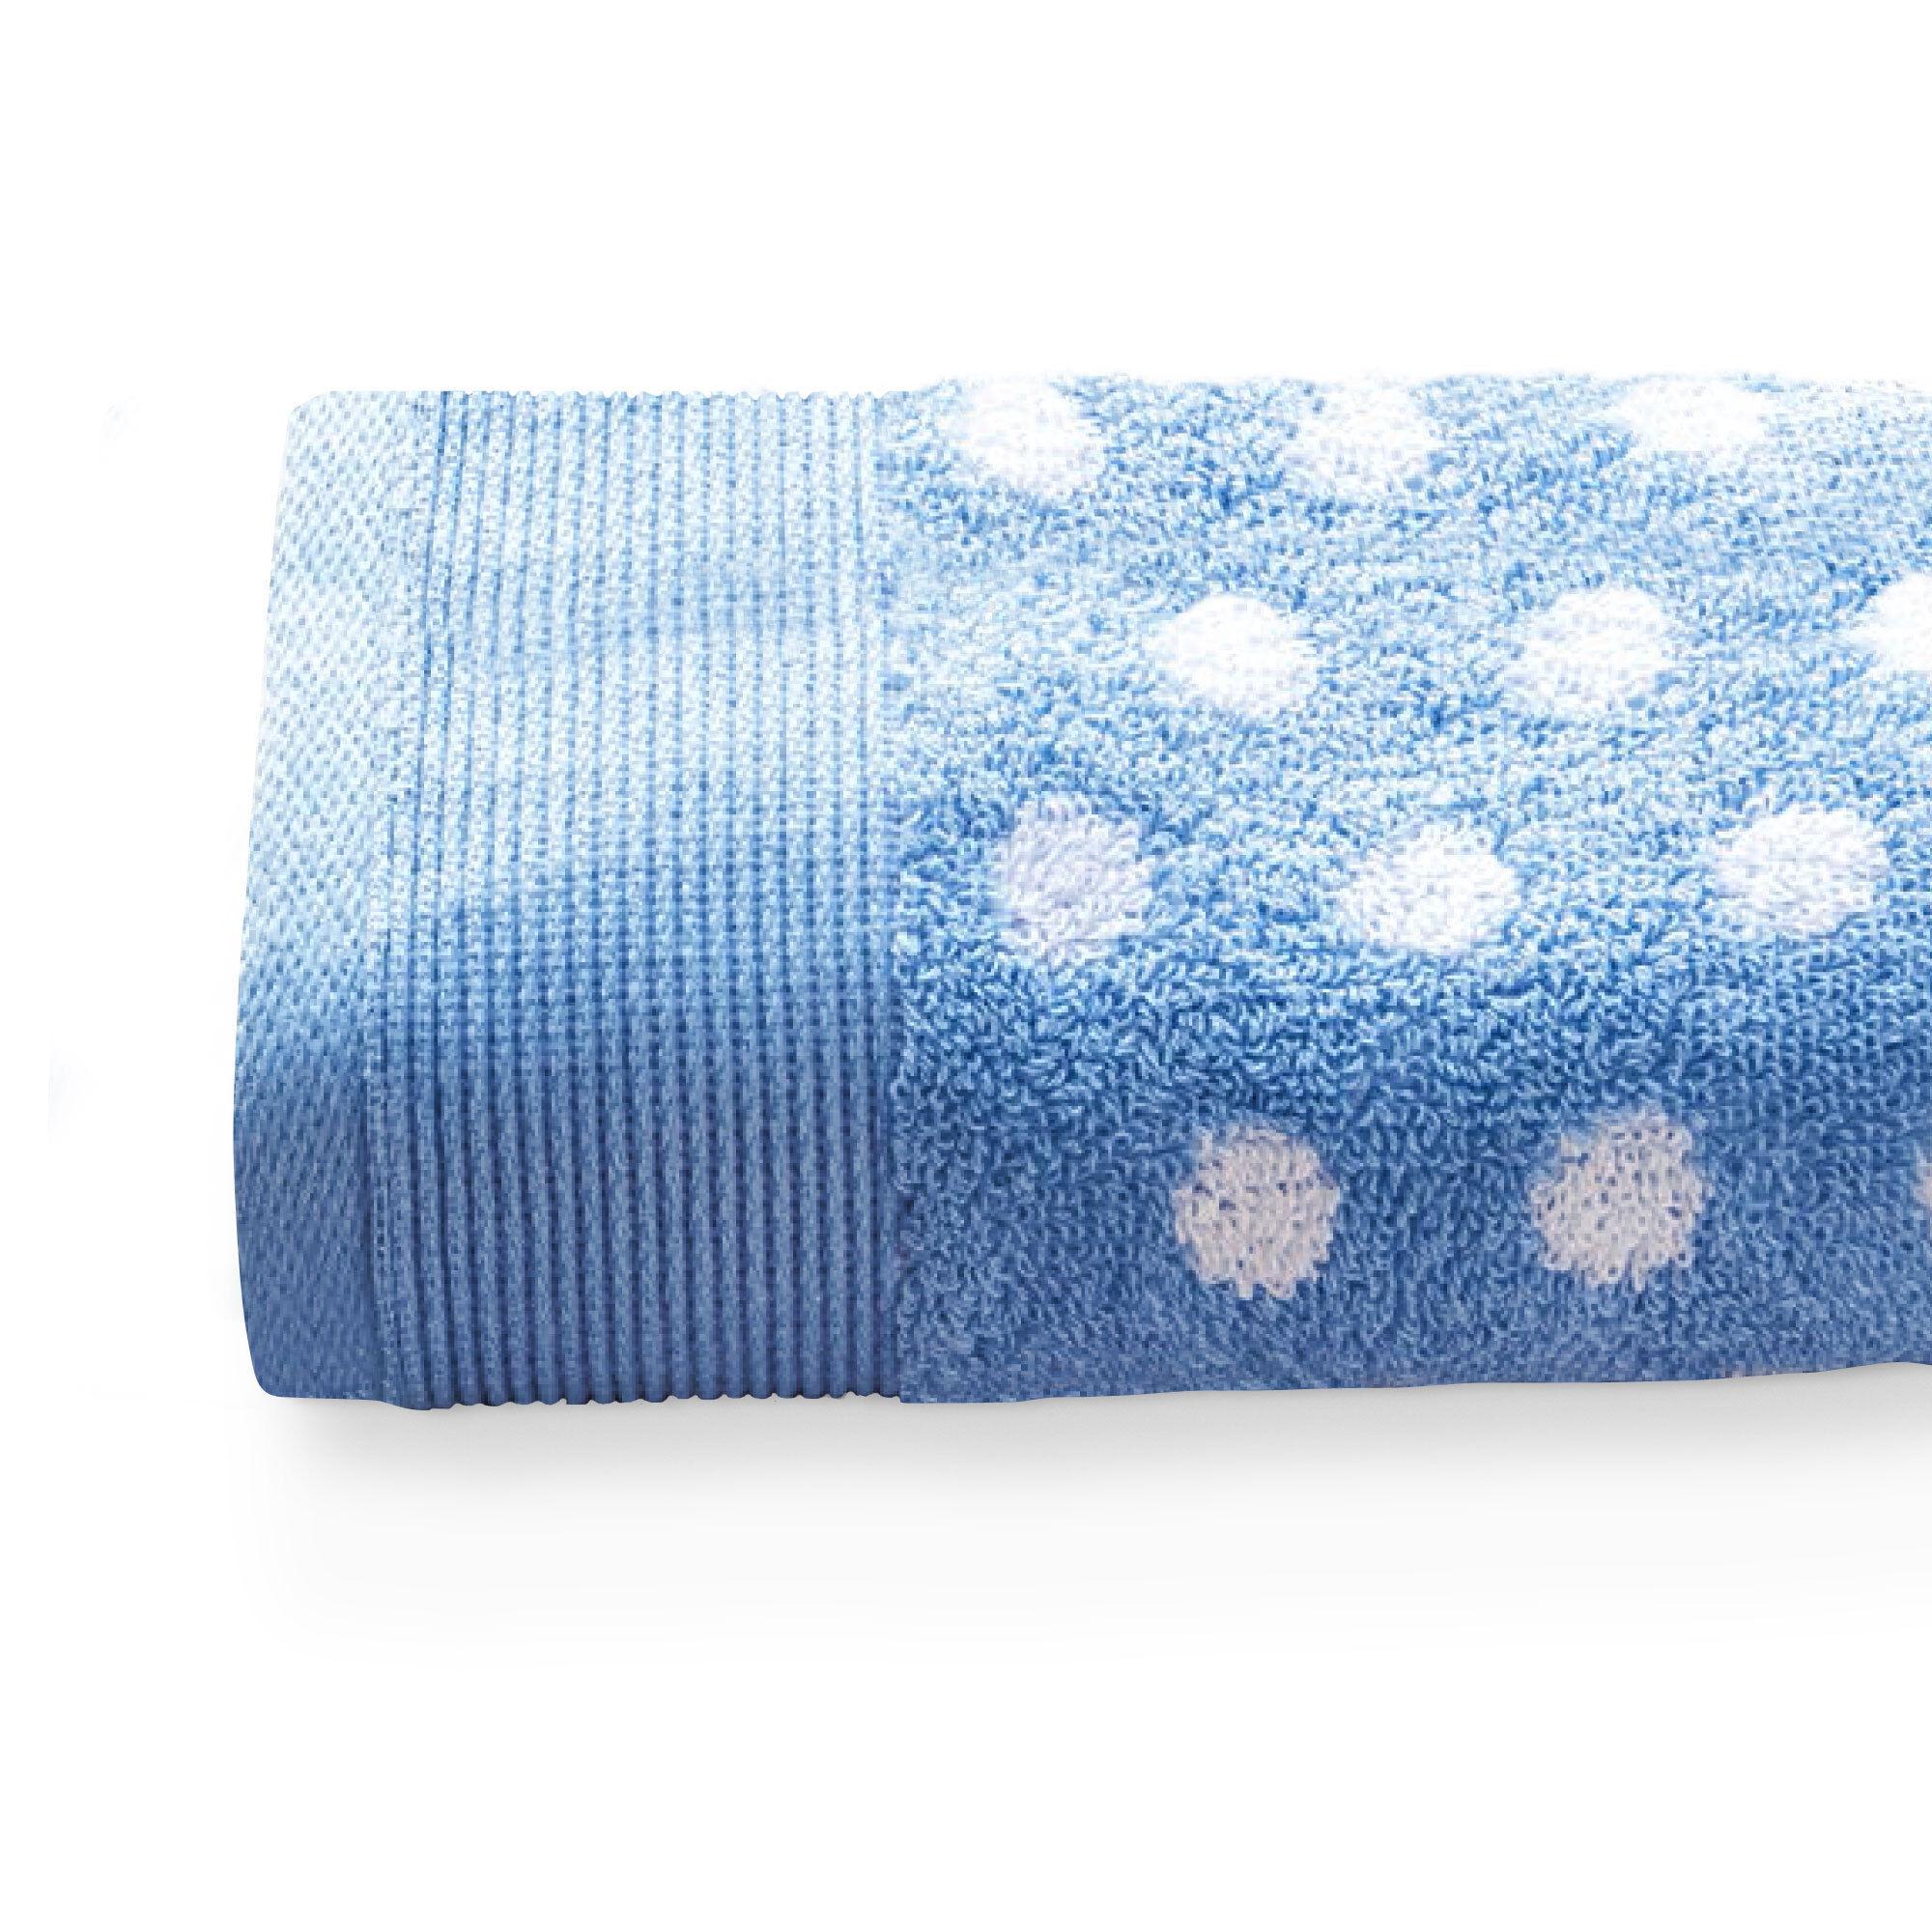 serviette de toilette 50x100 cm domino bleu 550 g m2 linnea. Black Bedroom Furniture Sets. Home Design Ideas